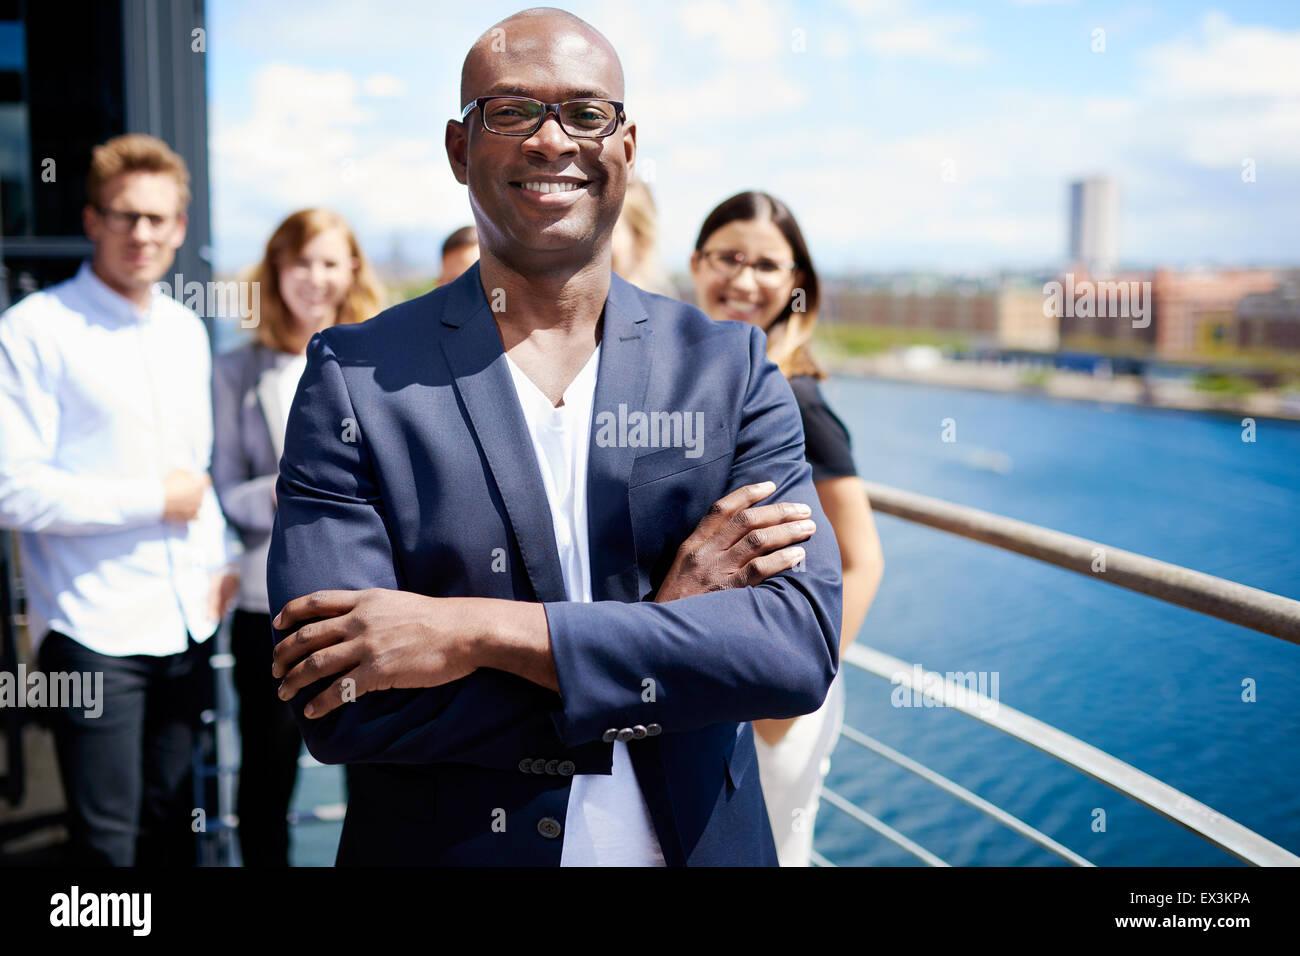 Maschio nero executive in piedi con le braccia incrociate di fronte ai colleghi Immagini Stock